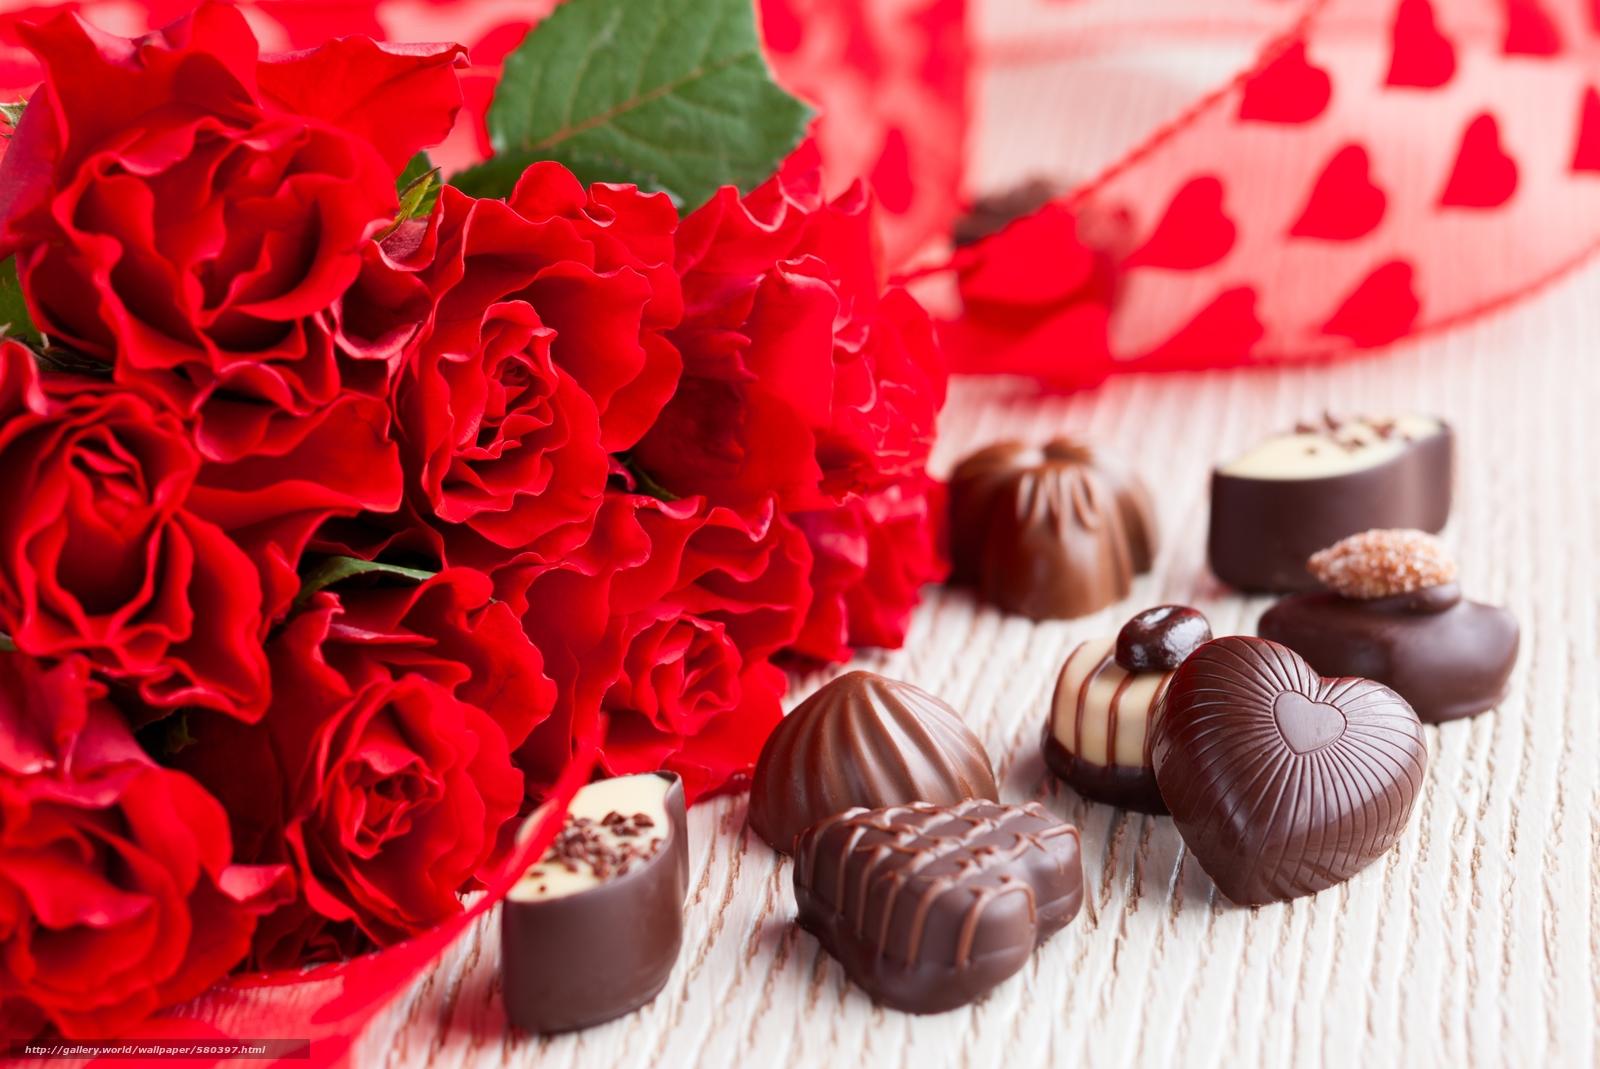 下载壁纸 花束,  玫瑰,  糖果,  巧克力 免费为您的桌面分辨率的壁纸 5000x3340 — 图片 №580397